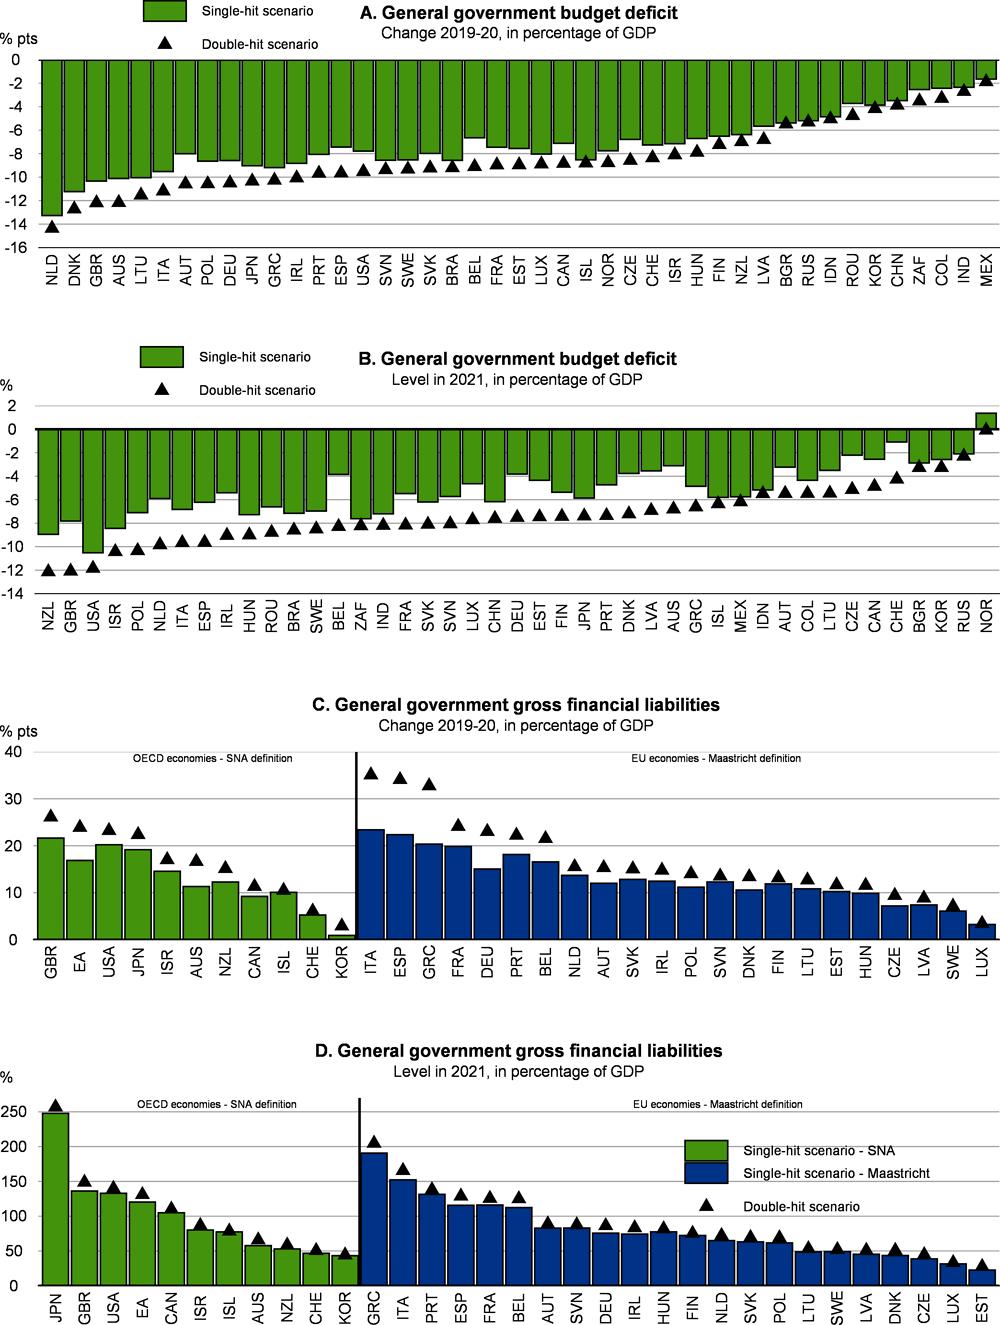 Рисунок 1.19. Фискальные позиции резко ухудшатся